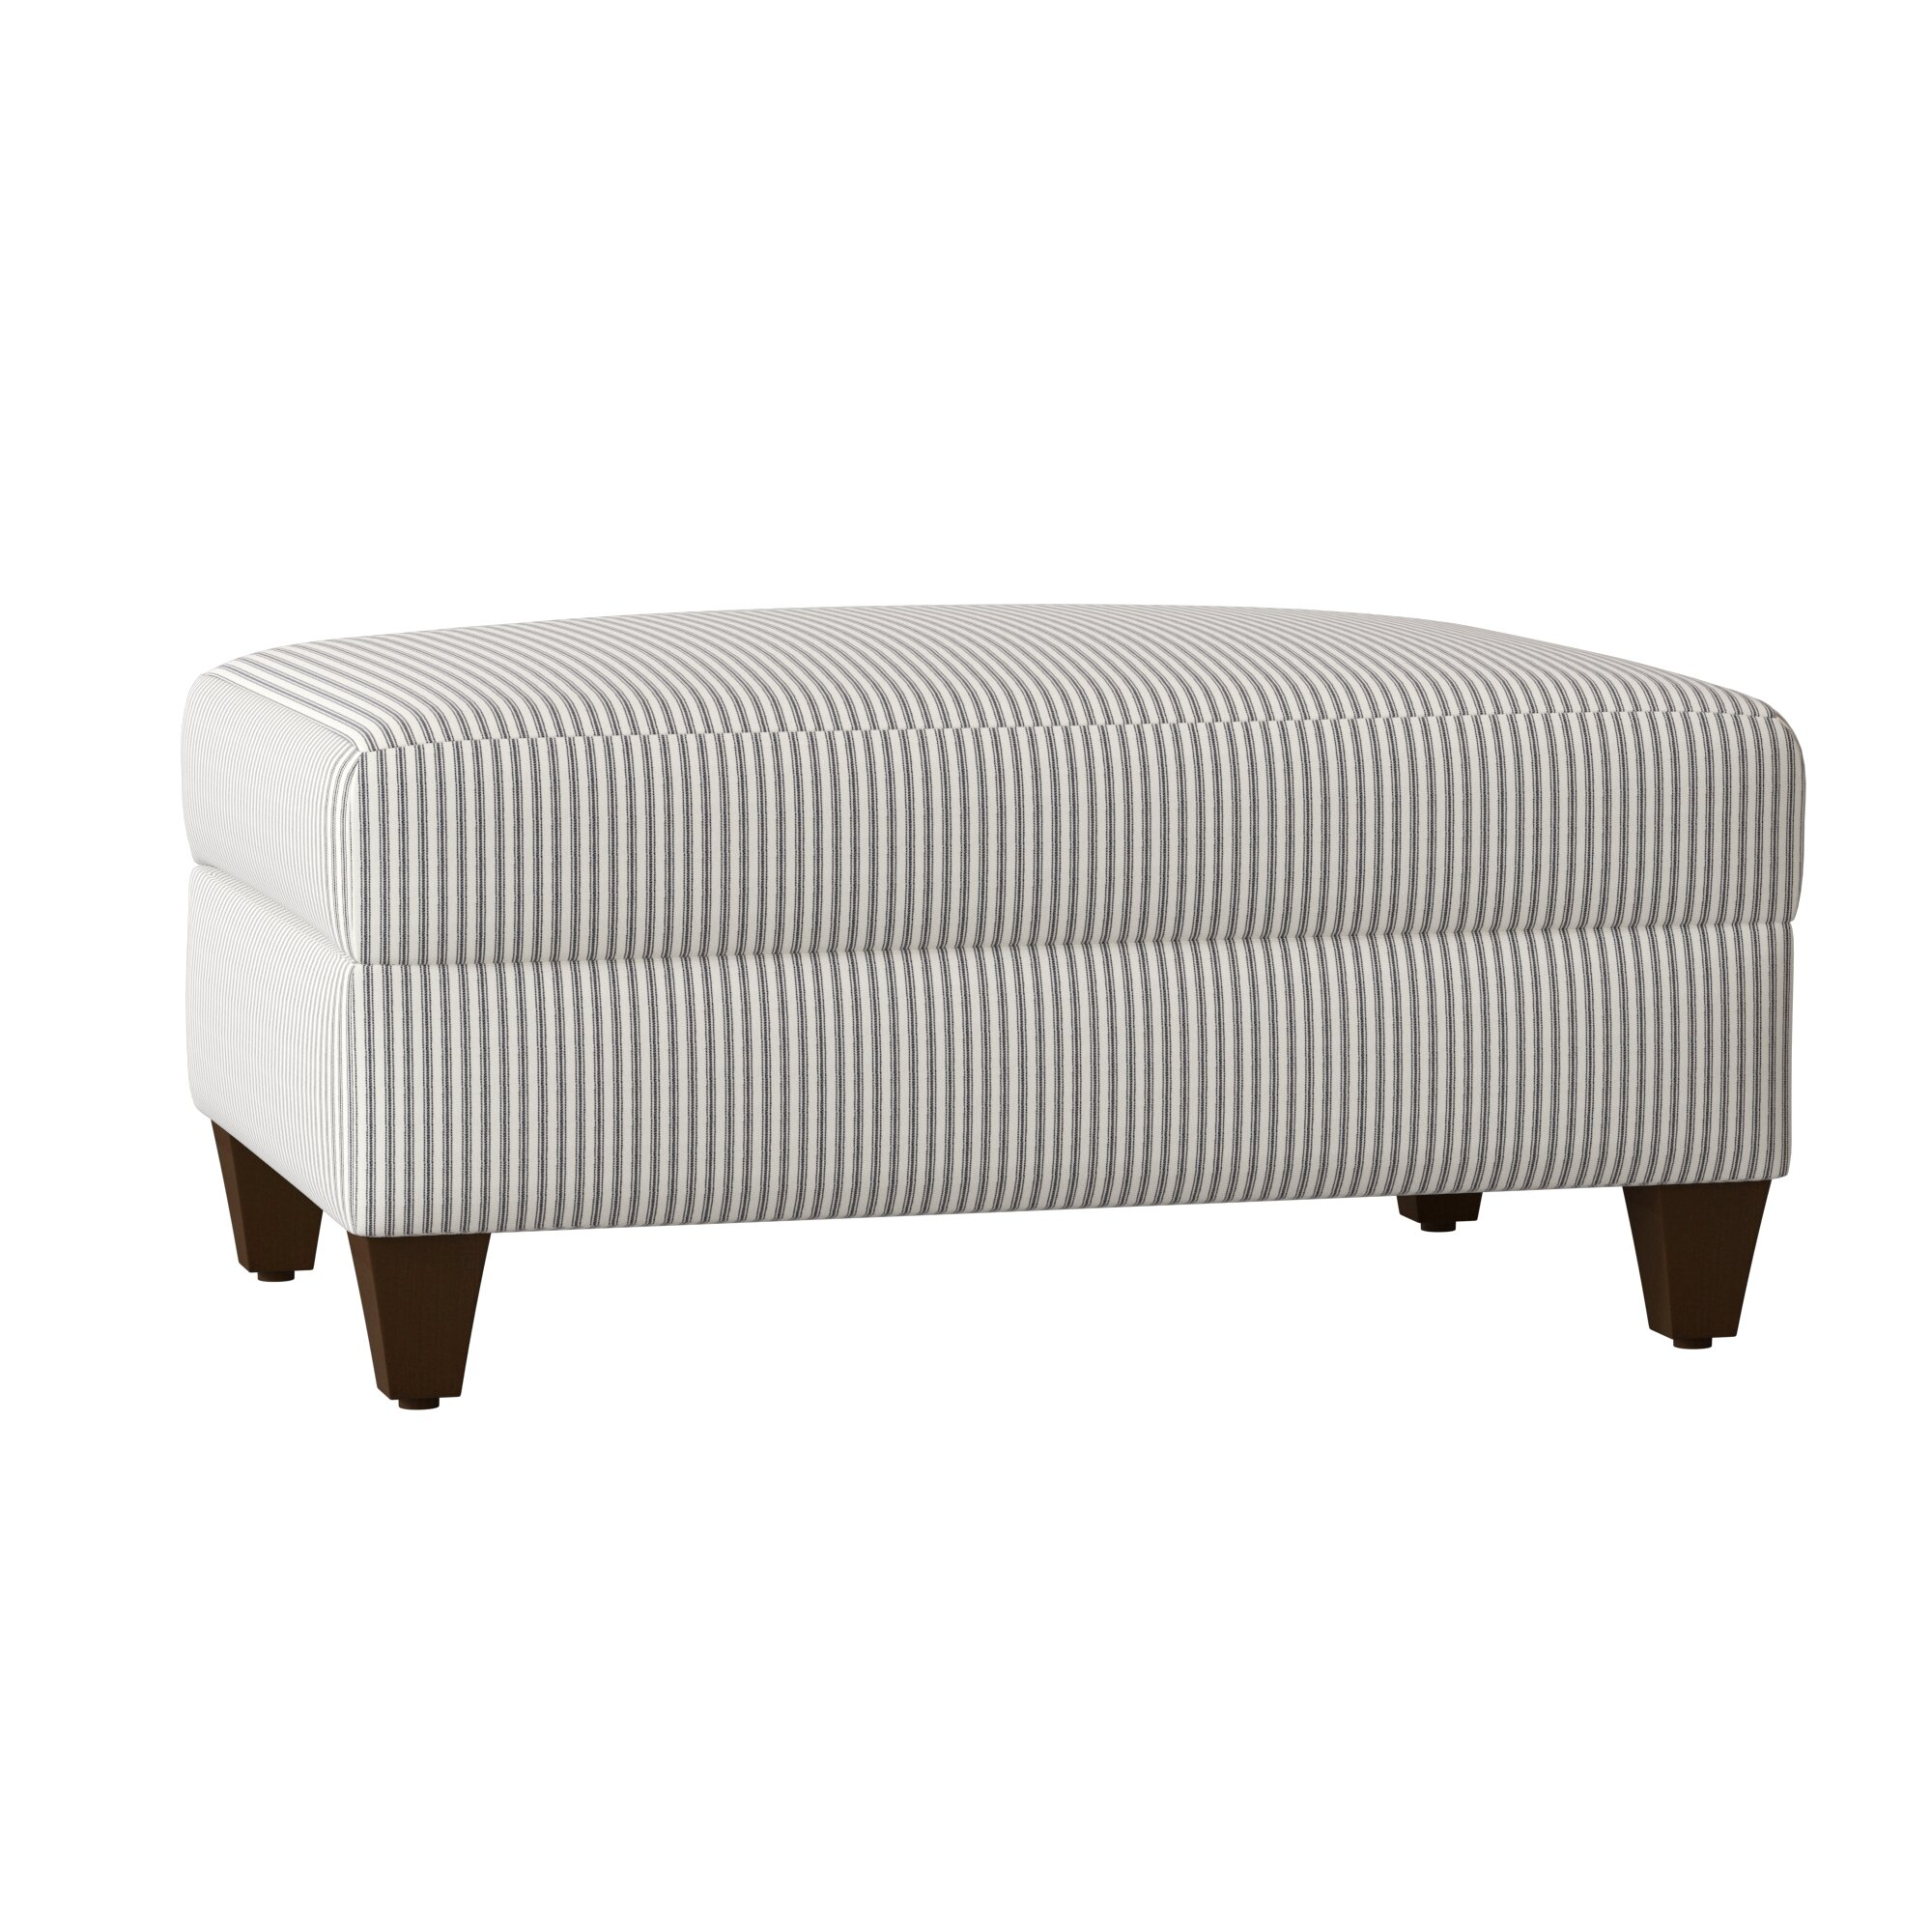 Groovy Mixt Devons Coffee Table Wayfair Creativecarmelina Interior Chair Design Creativecarmelinacom